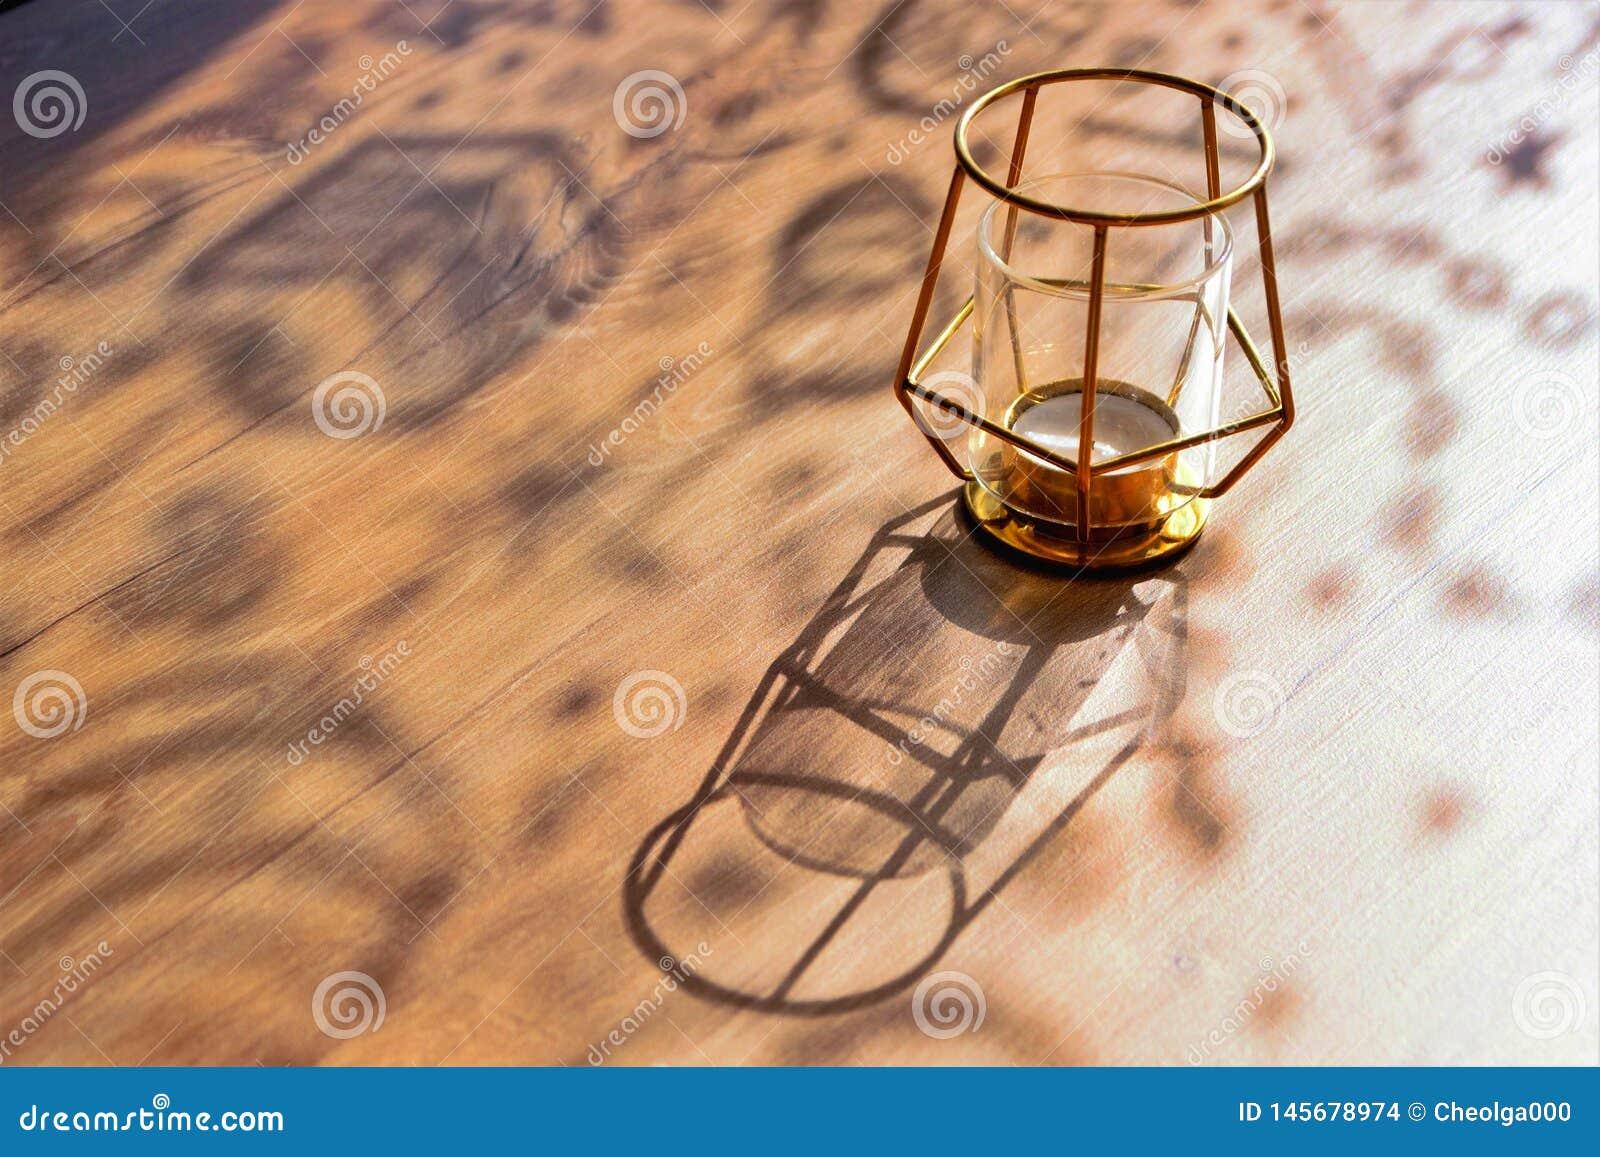 Sombras encaracolados em uma tabela de madeira em um dia ensolarado, castiçal do desenhista, close-up, foco seletivo, espaço da c